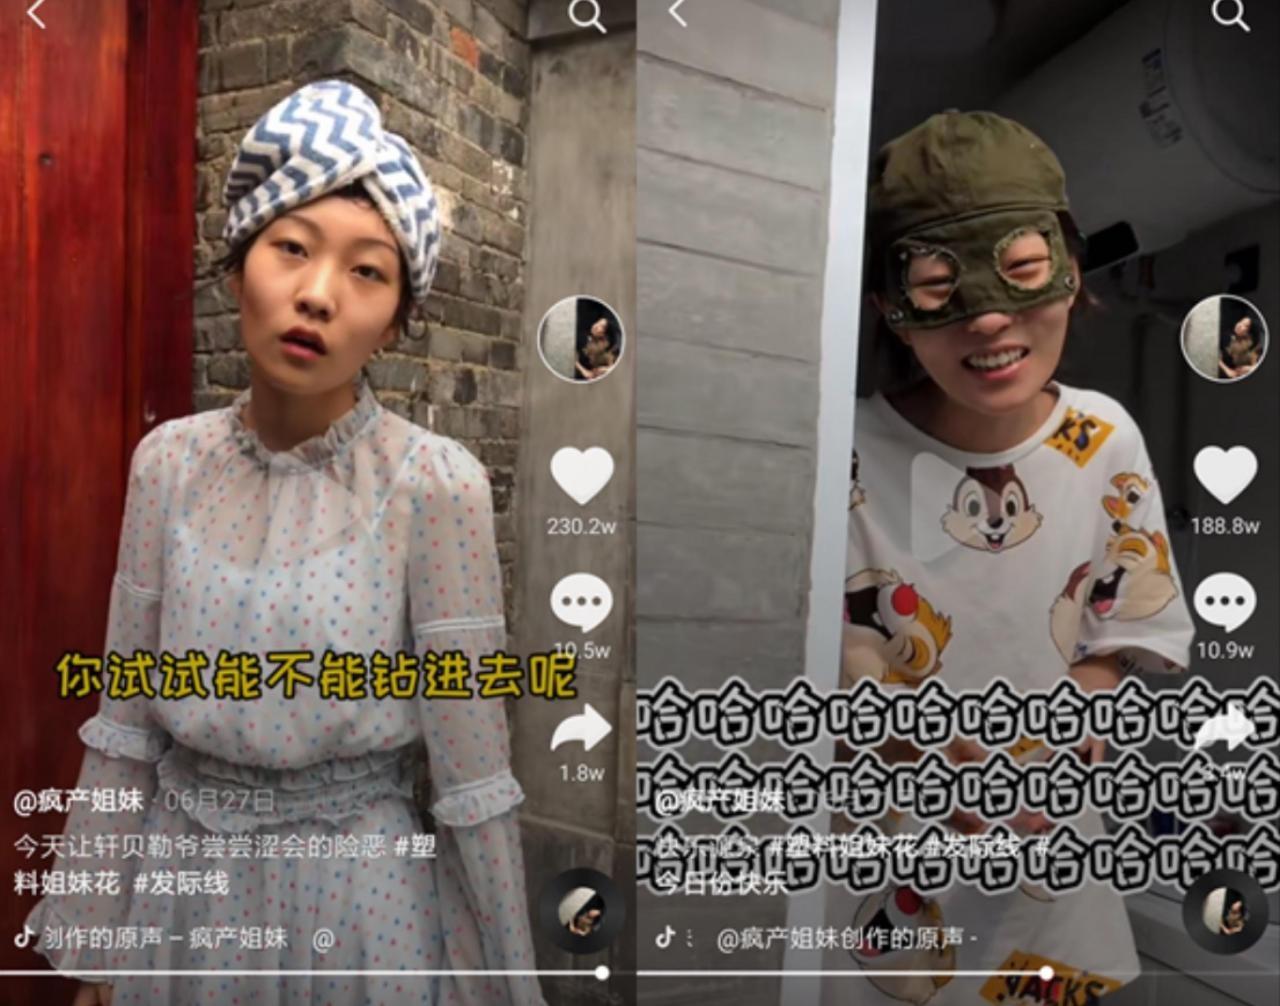 抖音疯产姐妹闺蜜为什么会火  邵雨轩和张小花真很搞笑